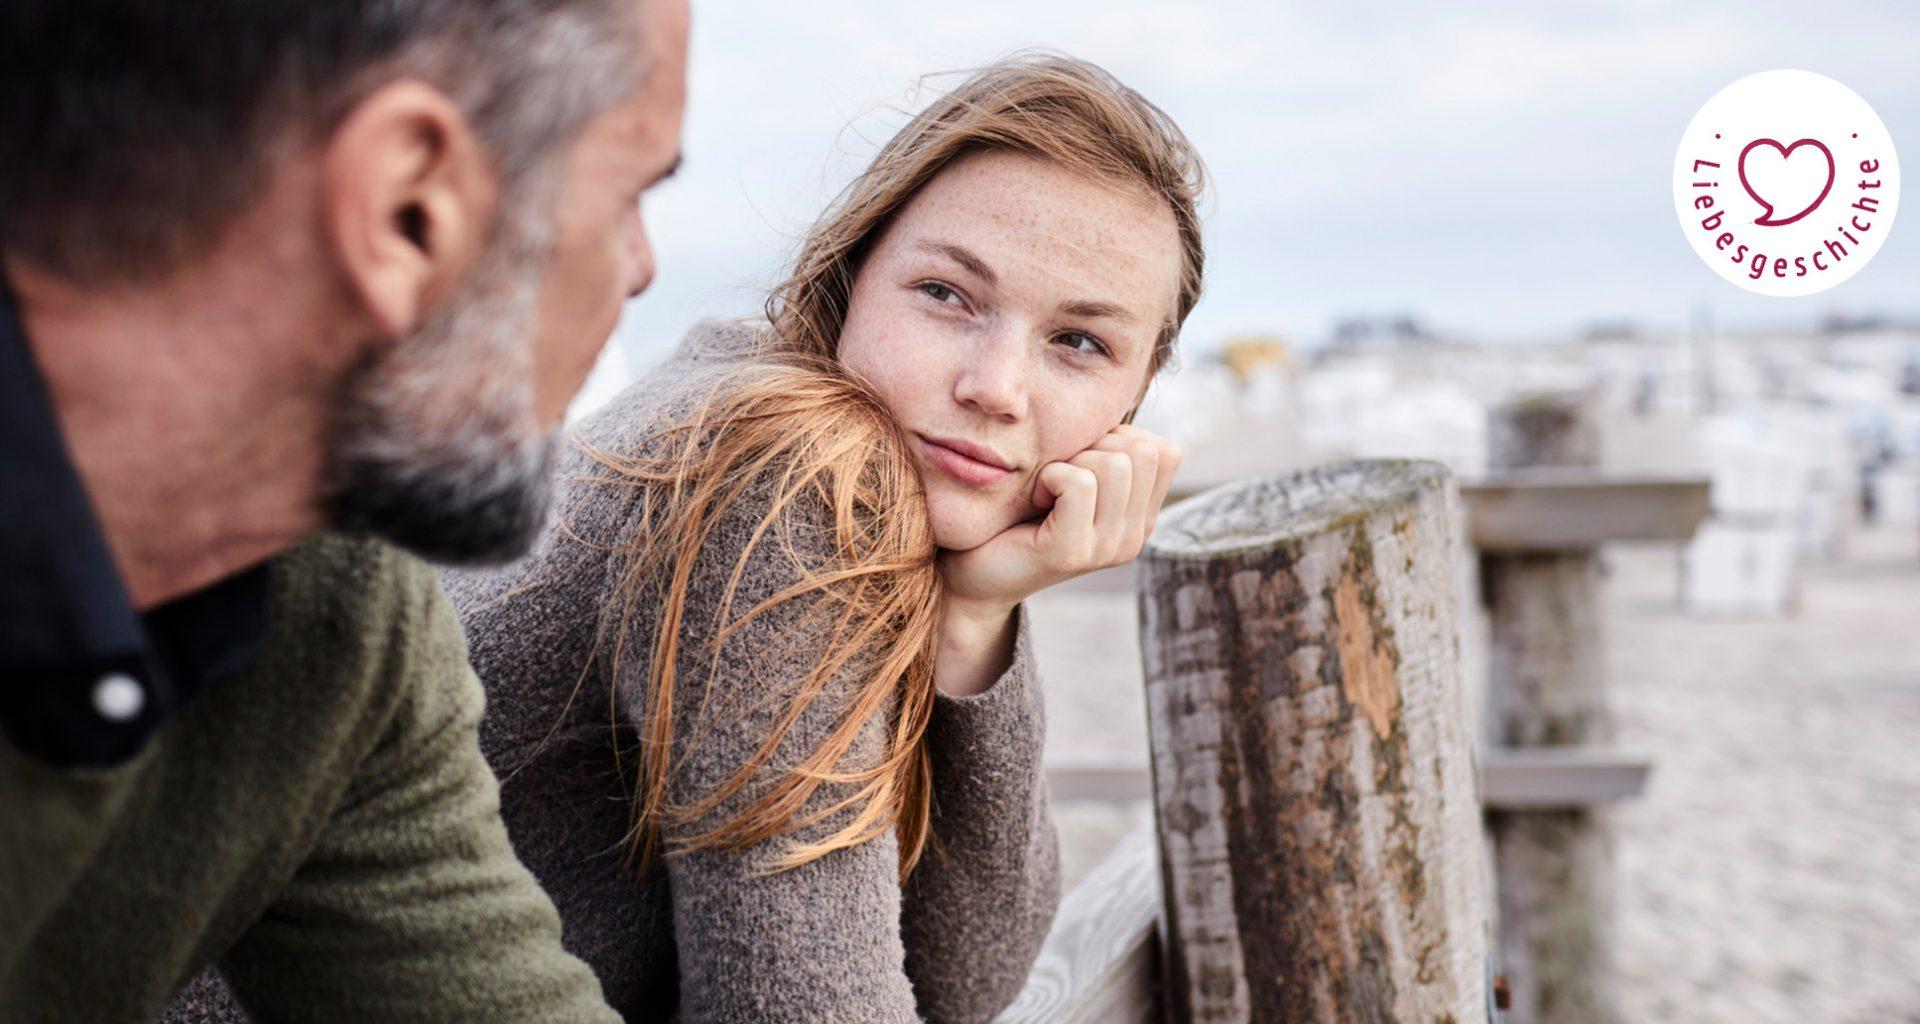 junge Frau und älterer Mann schauen sich verliebt an